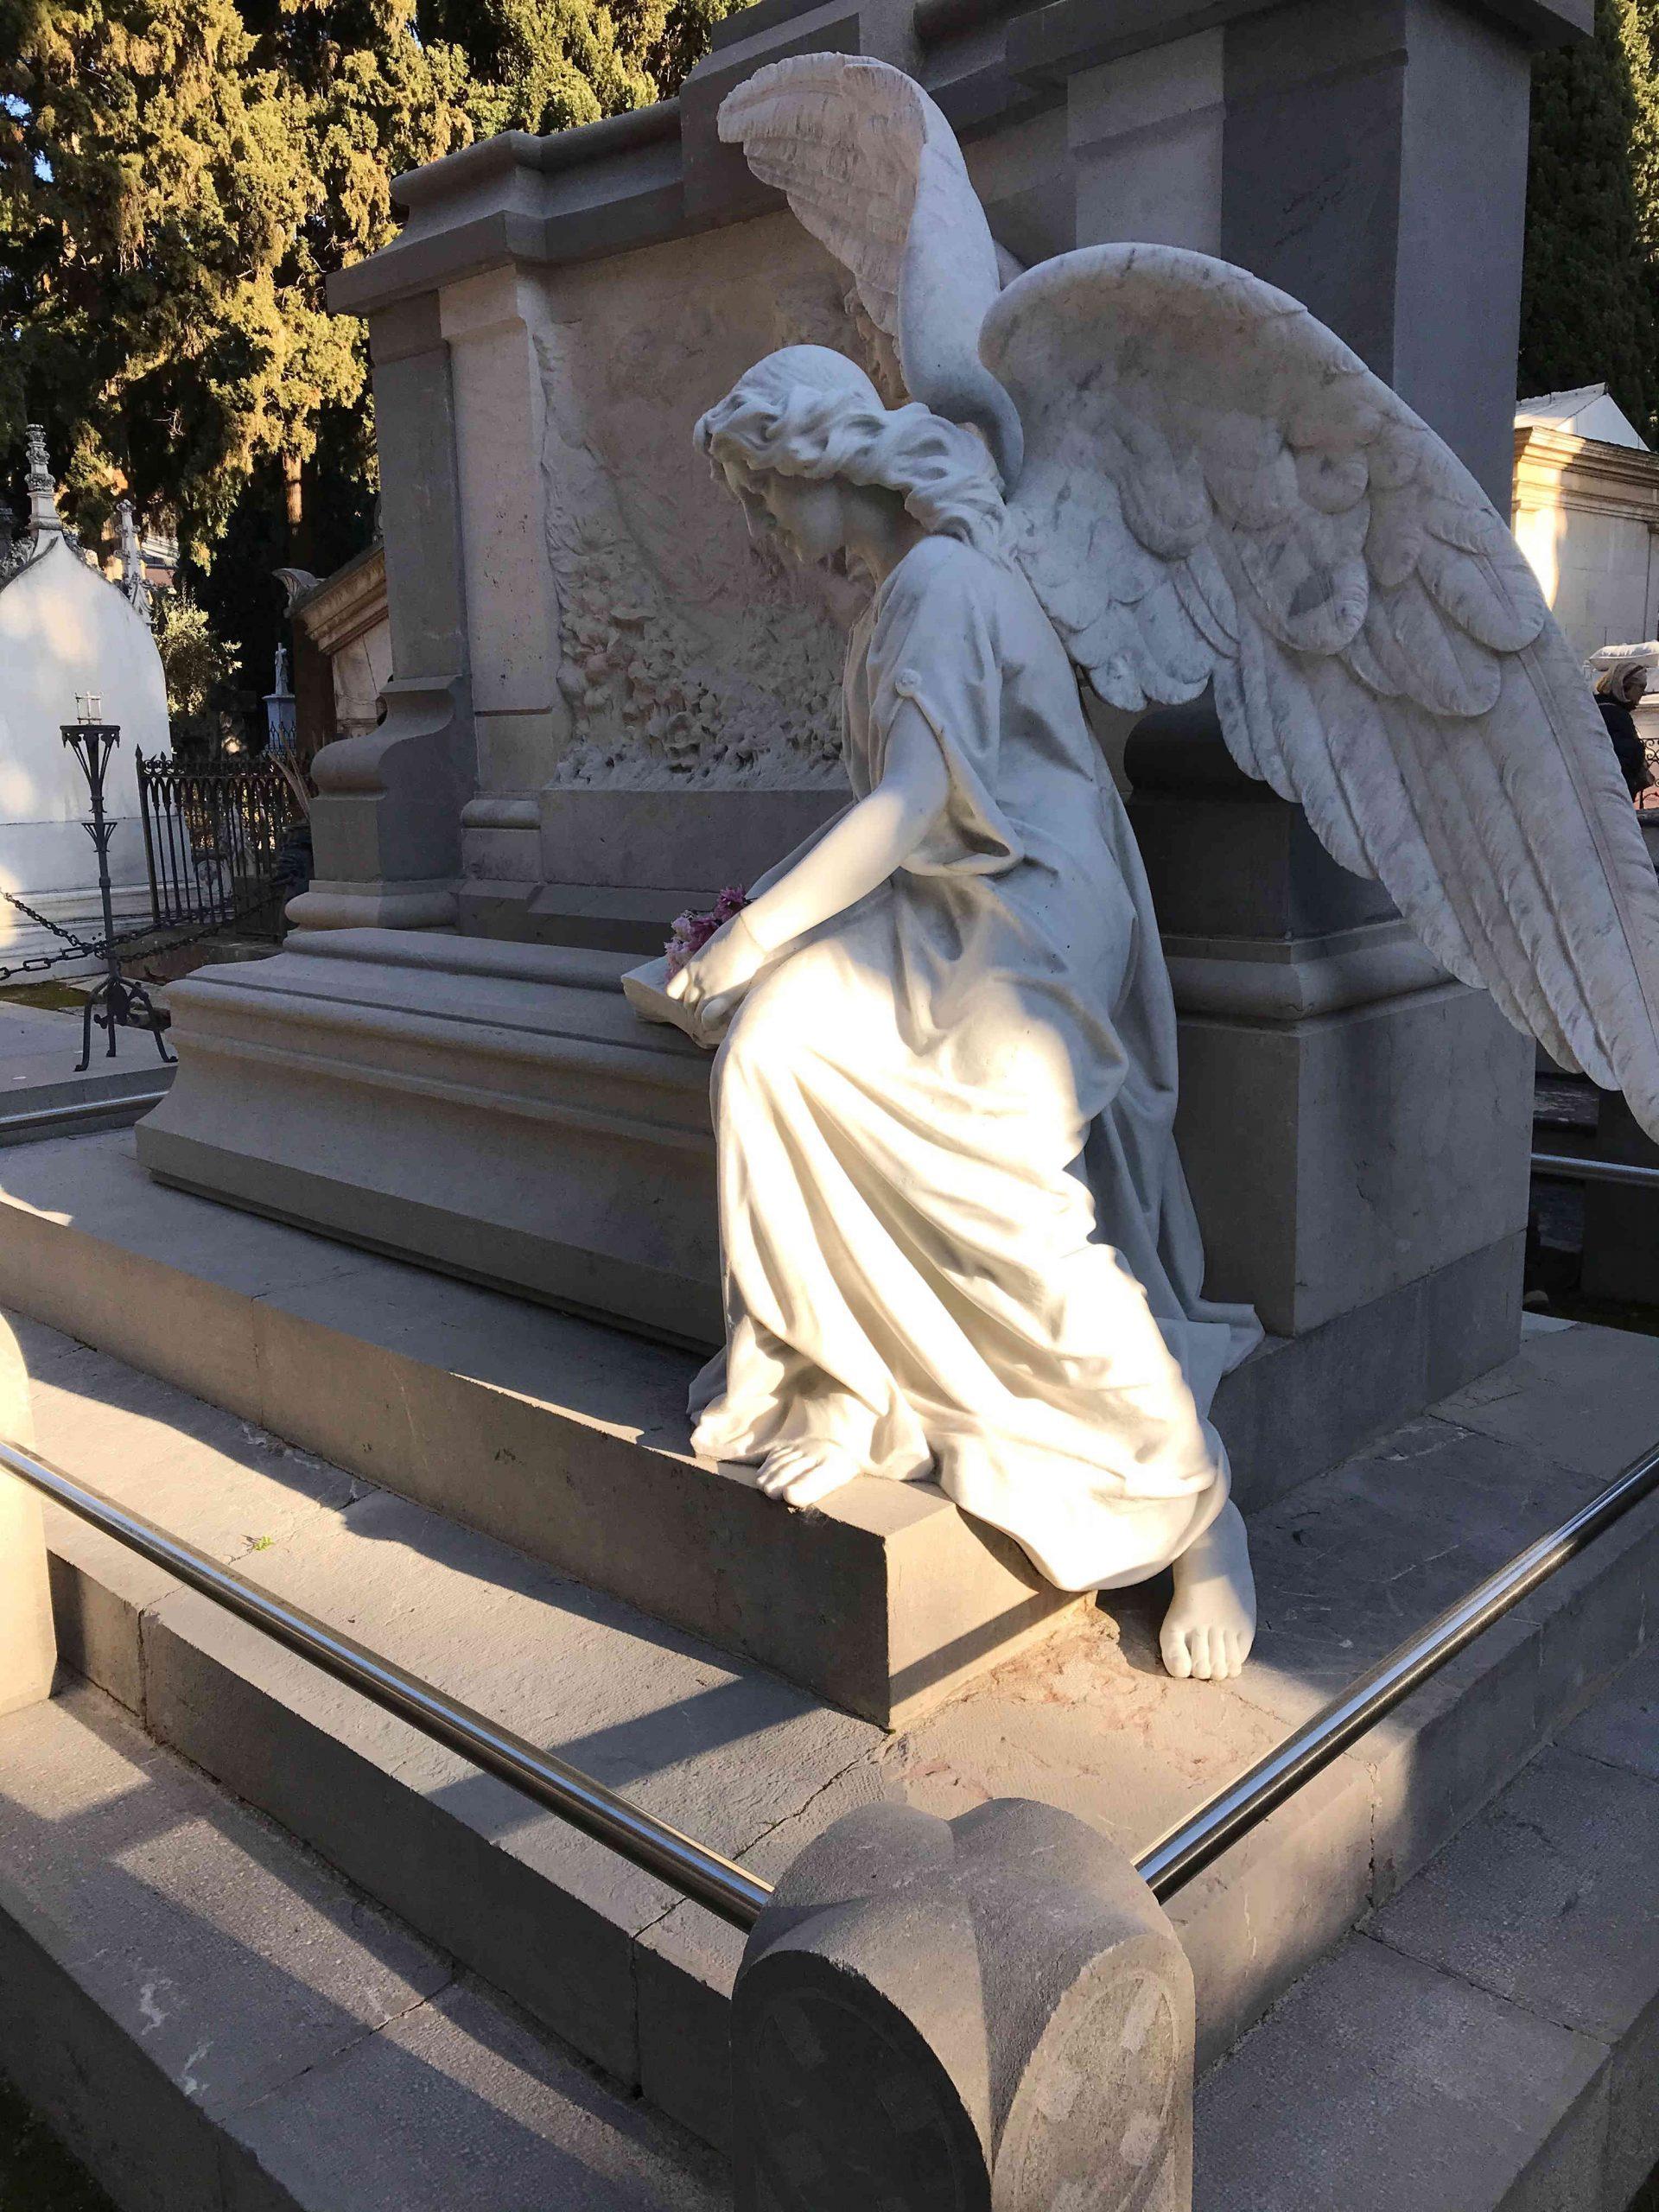 Tumba de mármol y en una de sus esquinas un ángel alado también de mármol